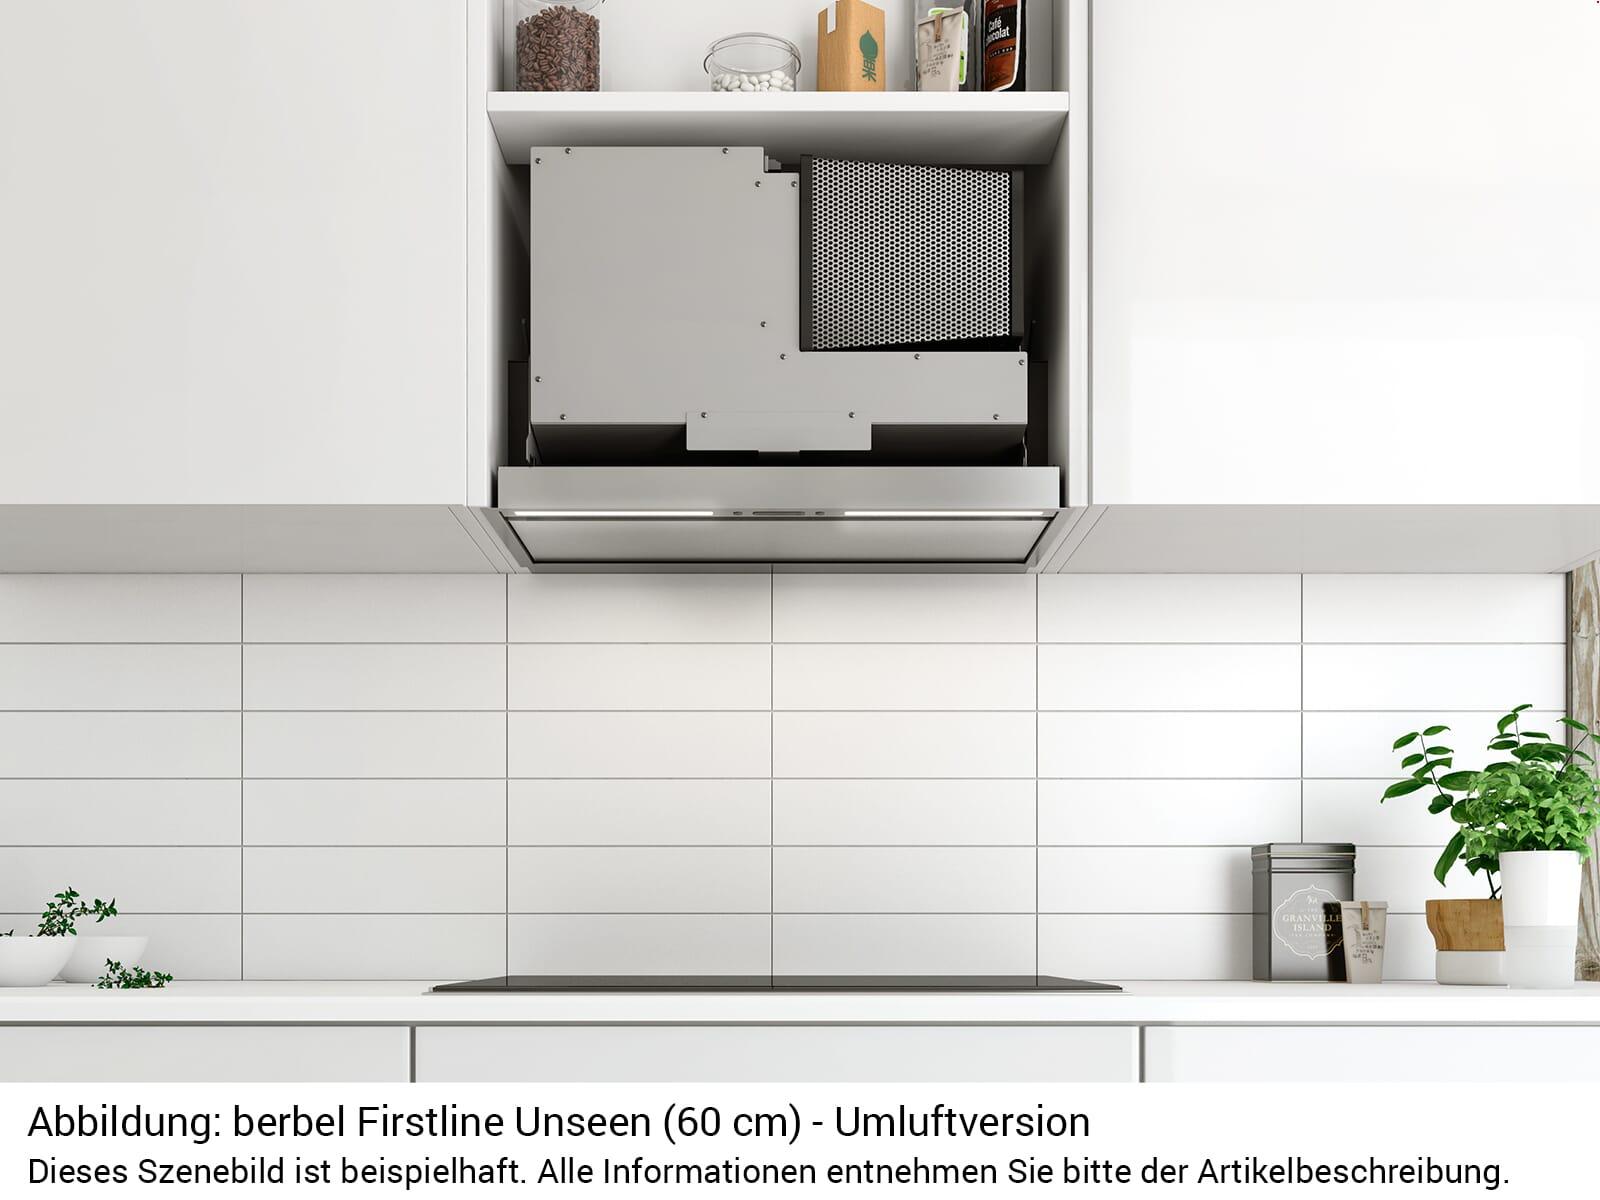 Berbel Firstline Unseen BEH 60 FLU Einbauhaube Abluft